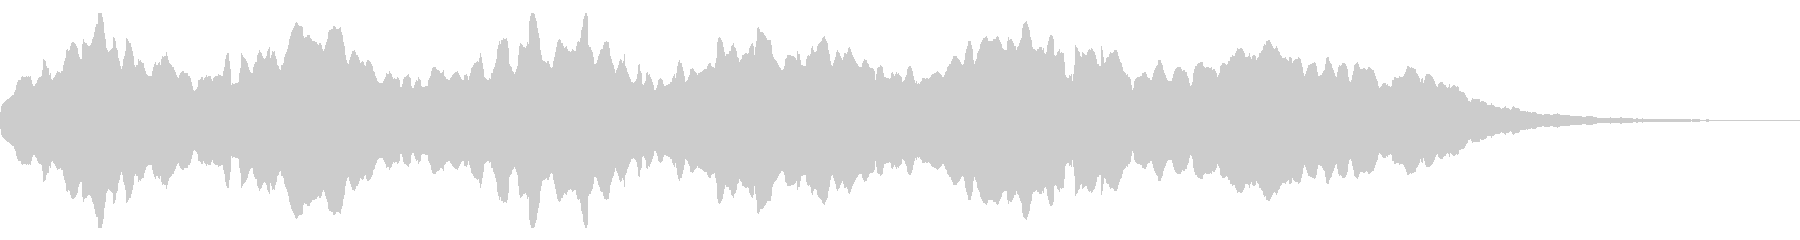 エイリアンチルドレンの未再生の波形